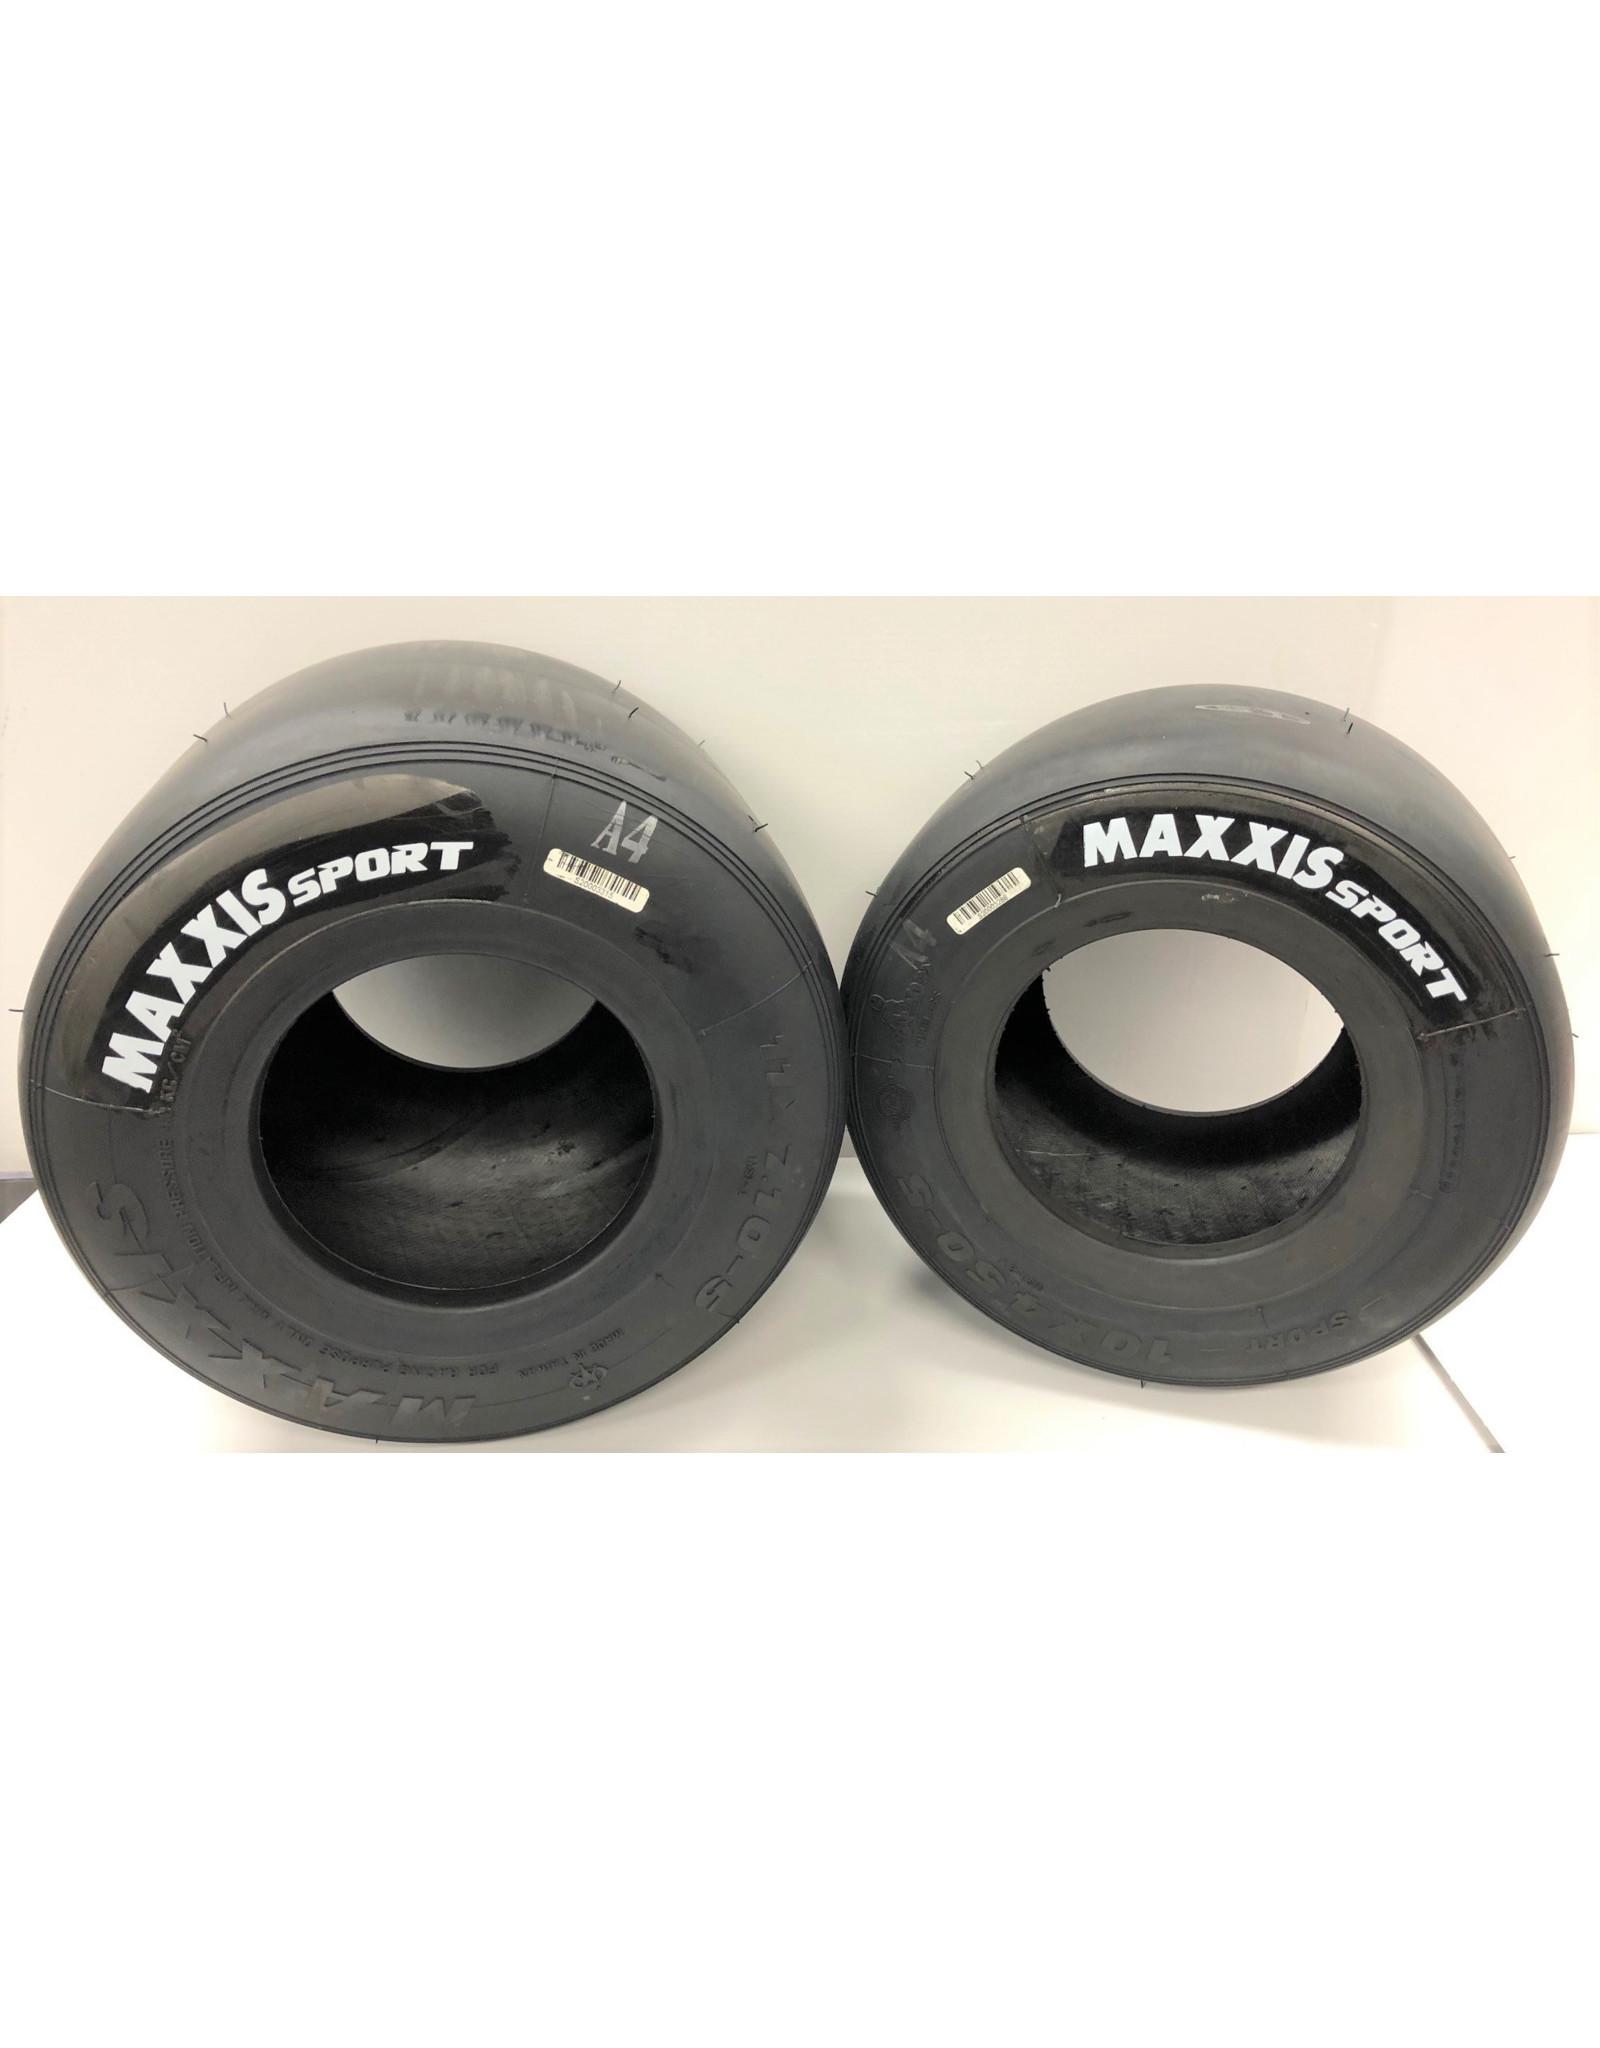 maxxis Maxxis Sport set